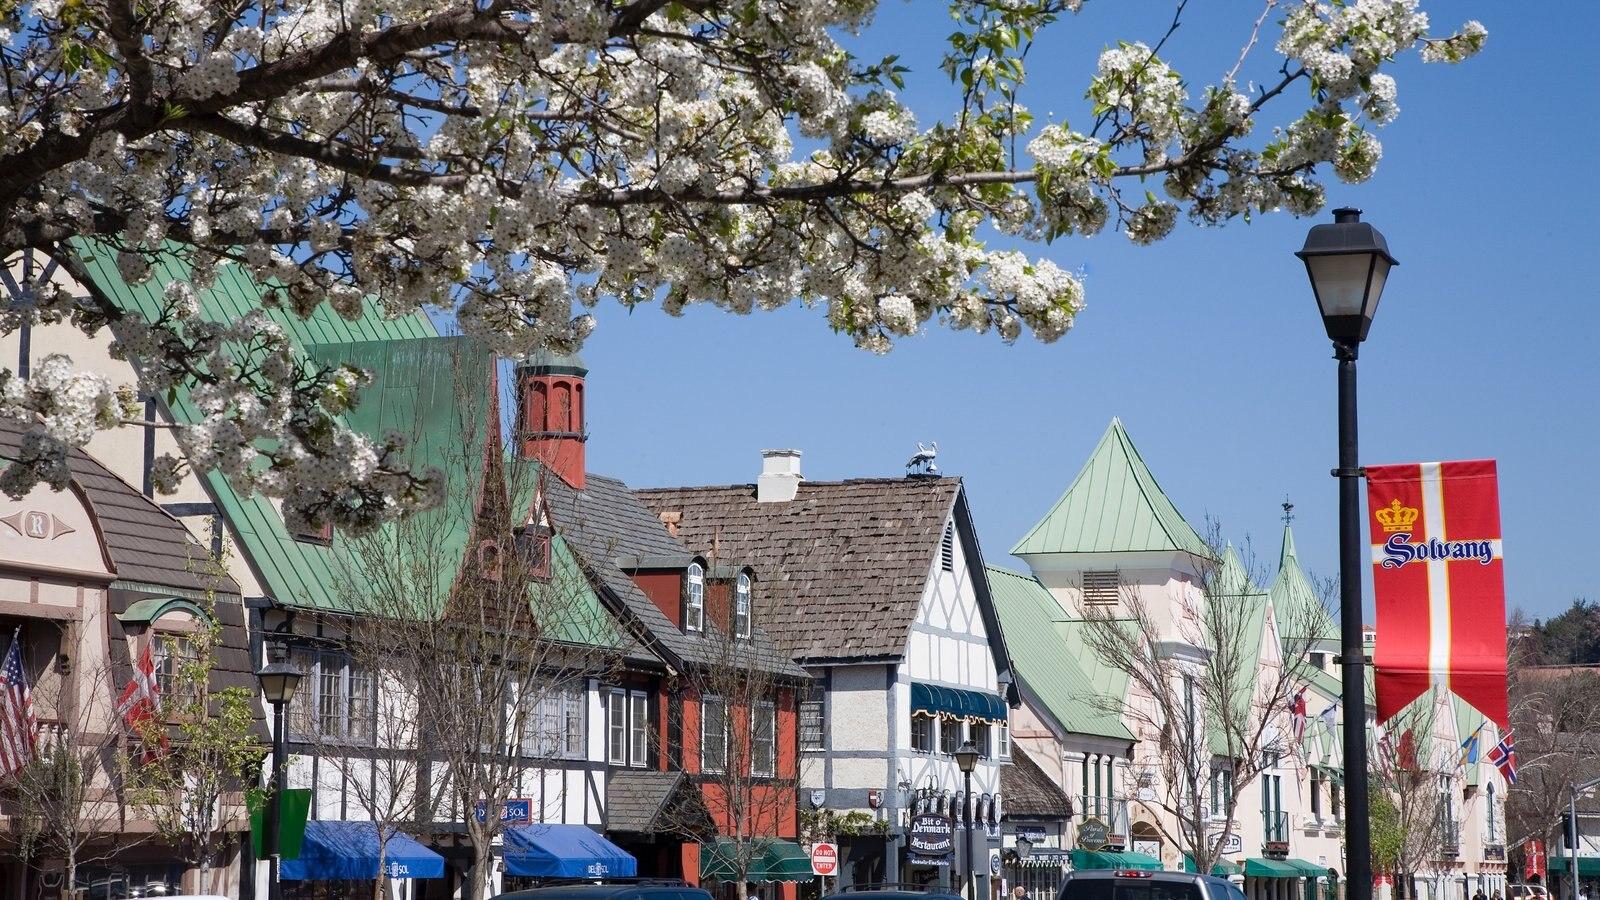 Santa Ynez Valley que inclui cenas de rua